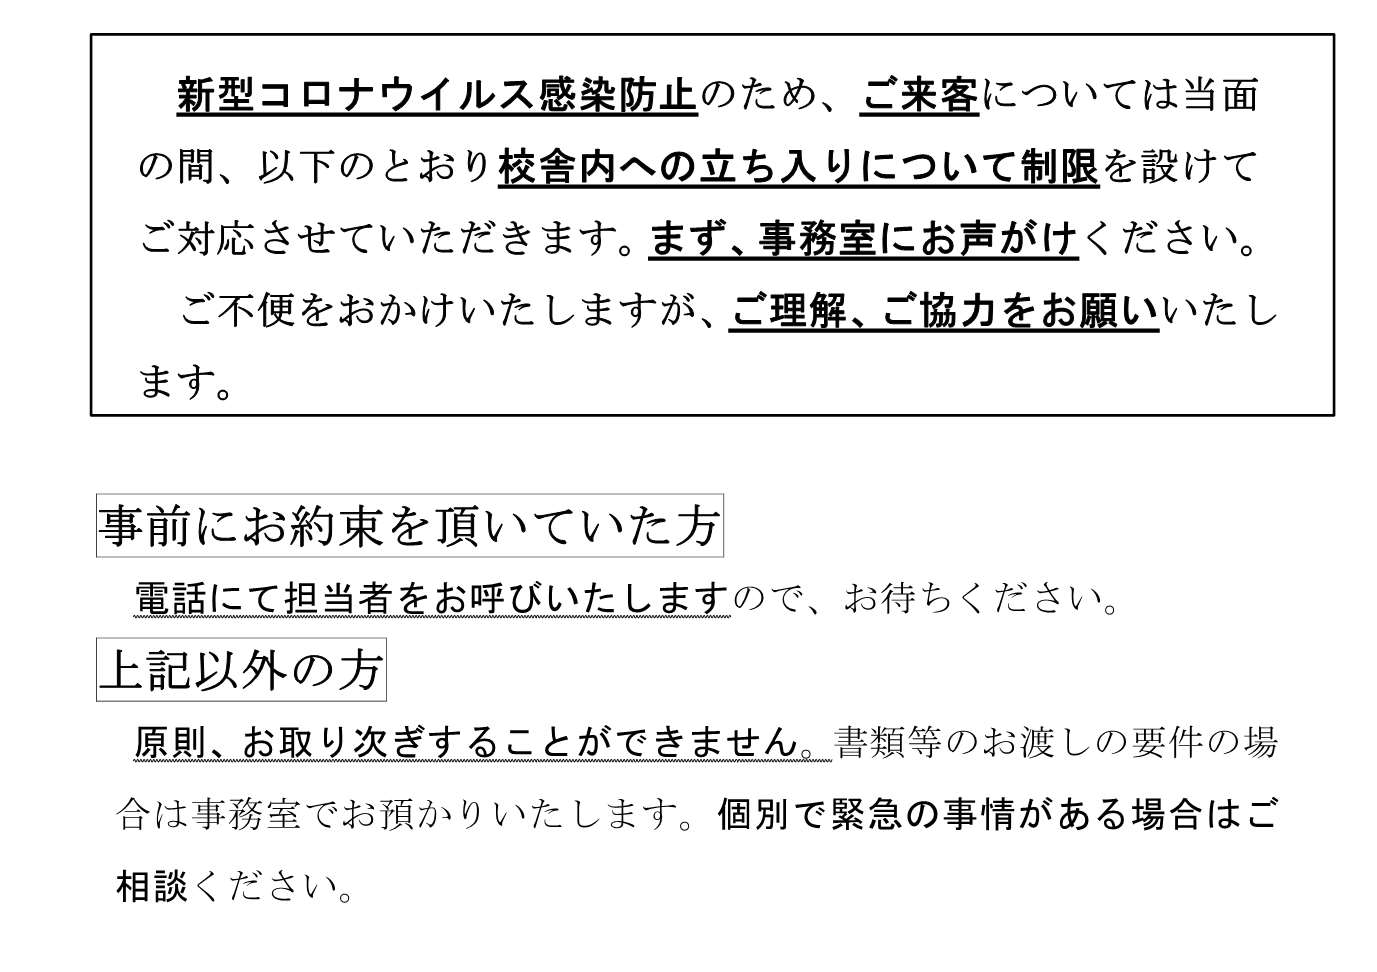 について の 作文 コロナ